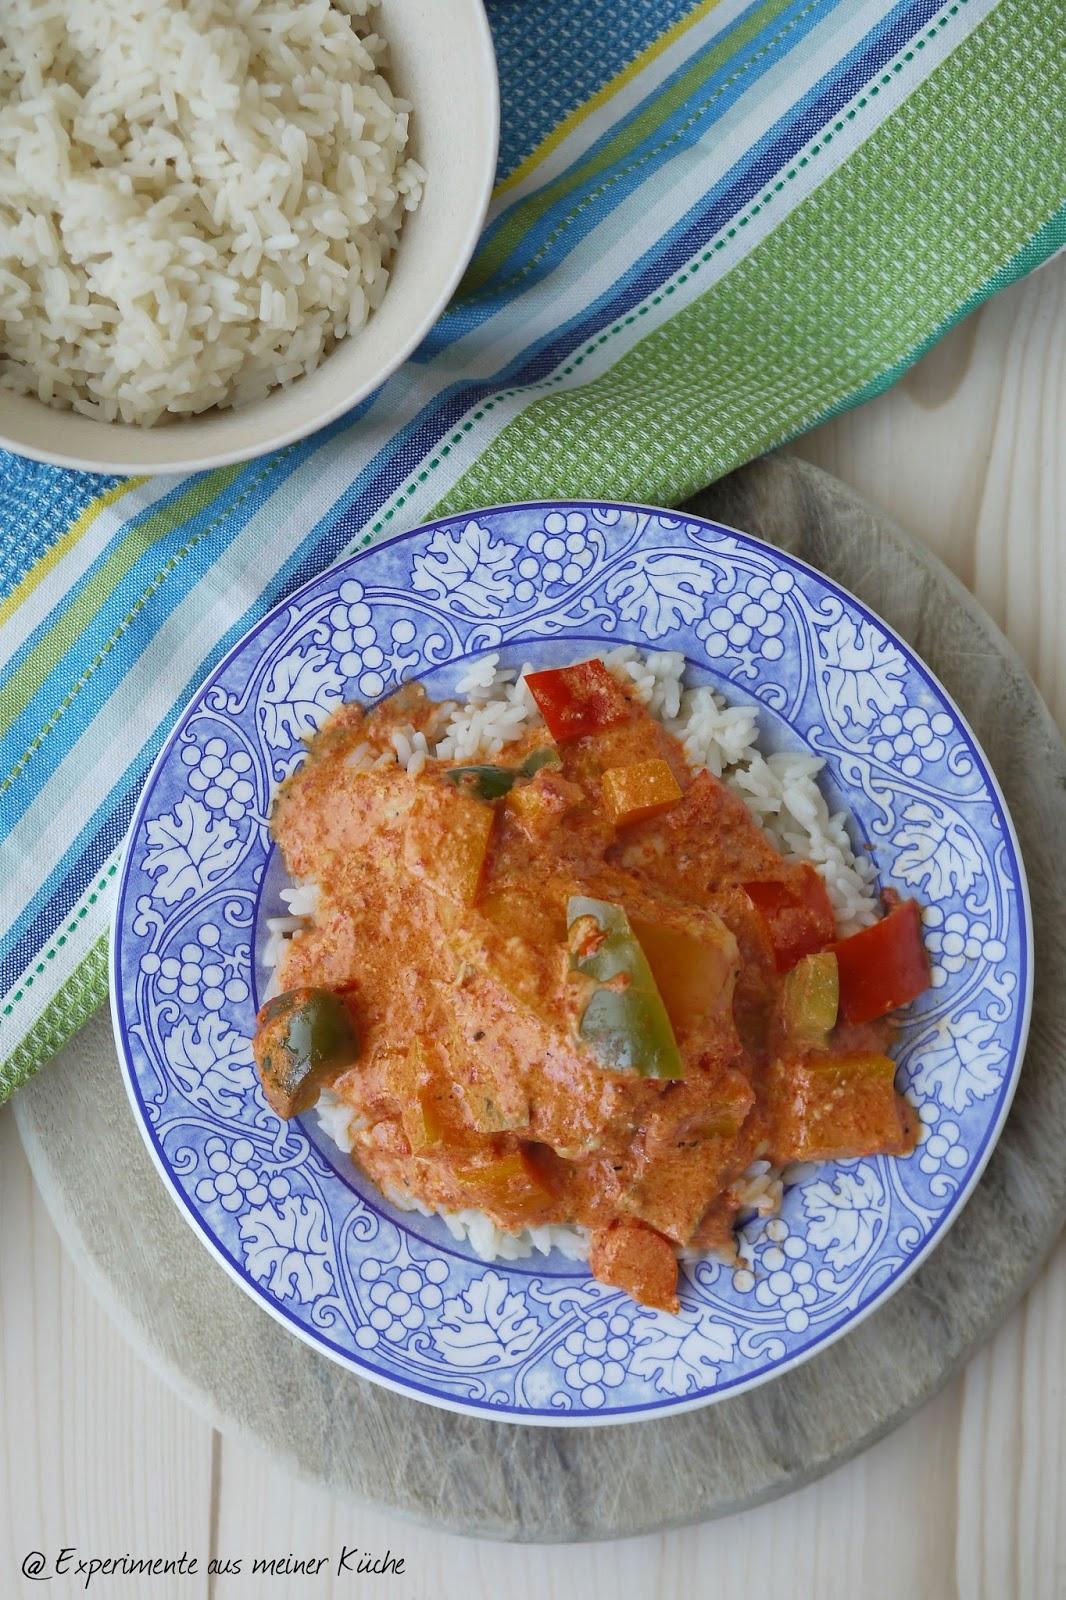 Experimente aus meiner Küche: Hähnchen in Paprika-Sahne-Soße